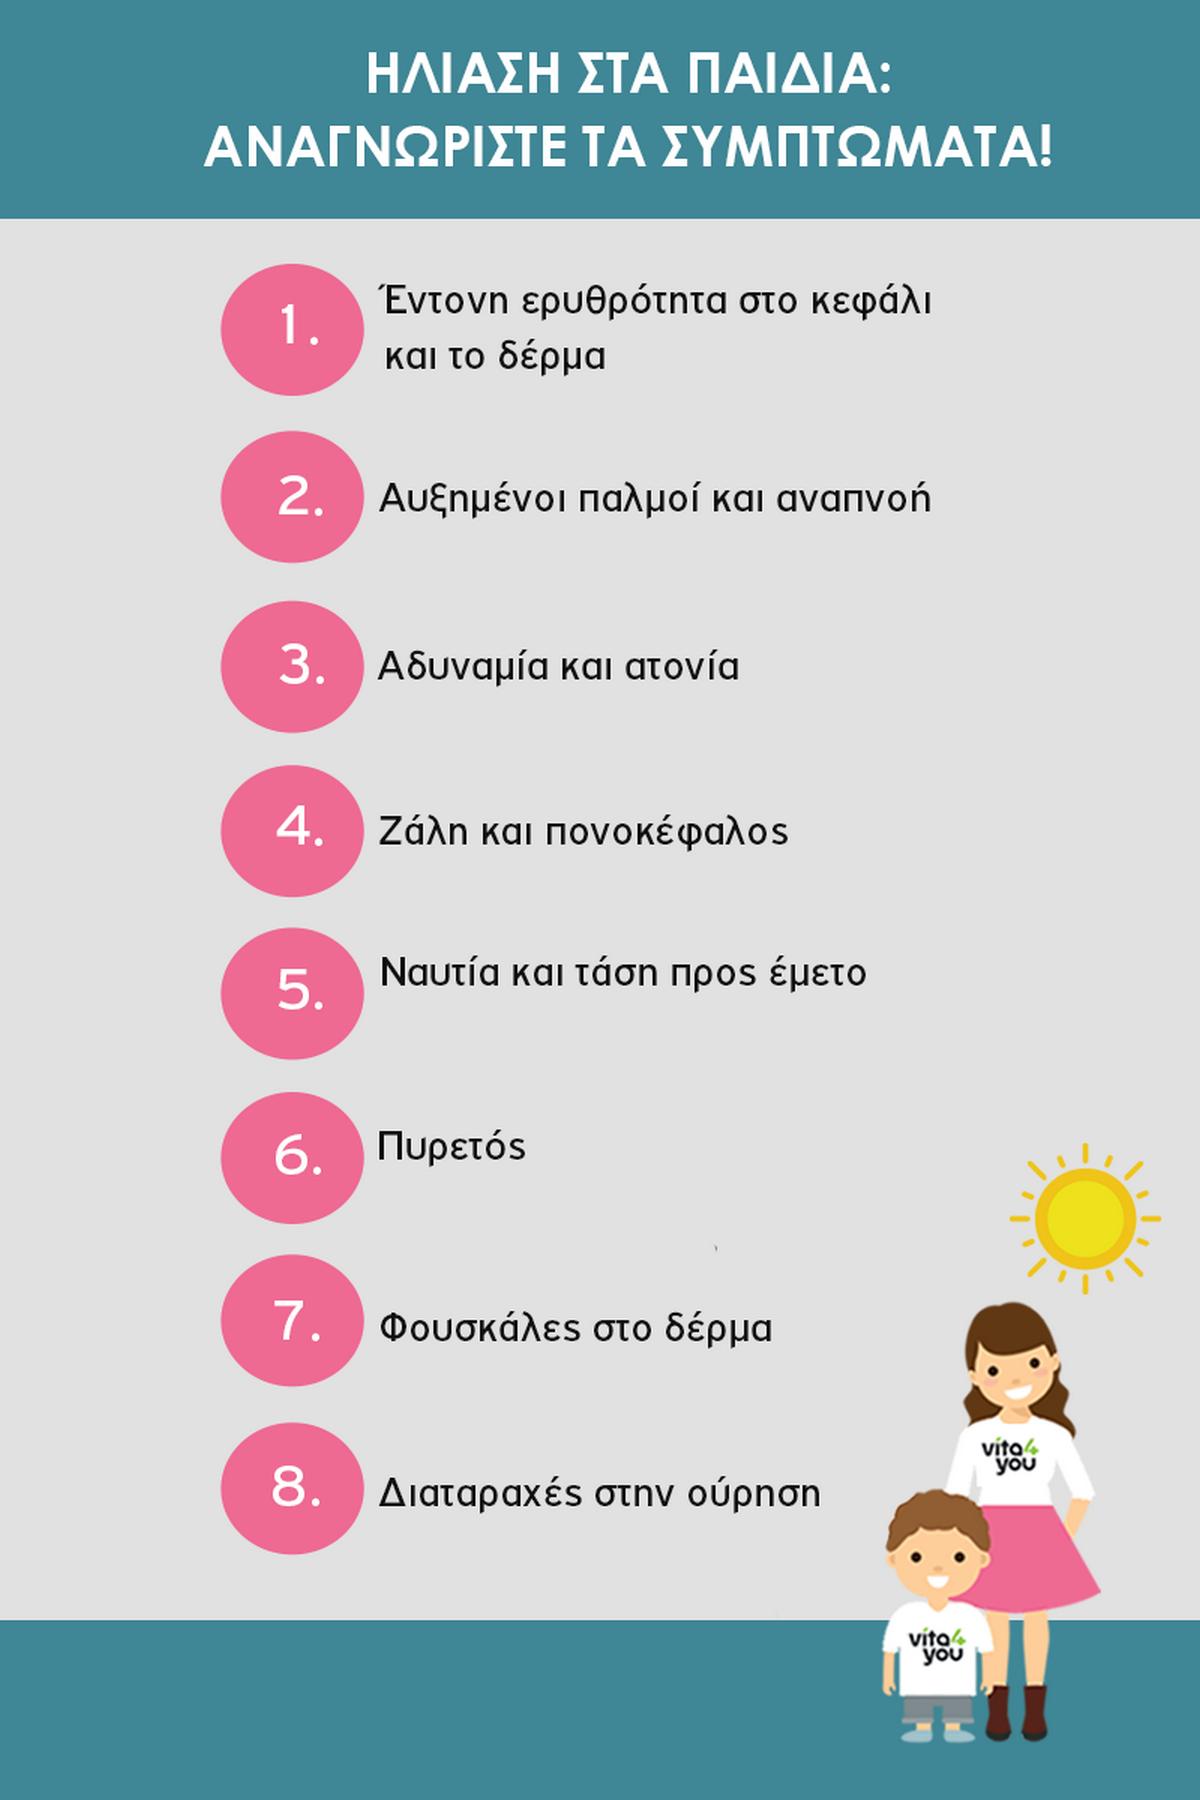 Ηλιαση στα παιδια